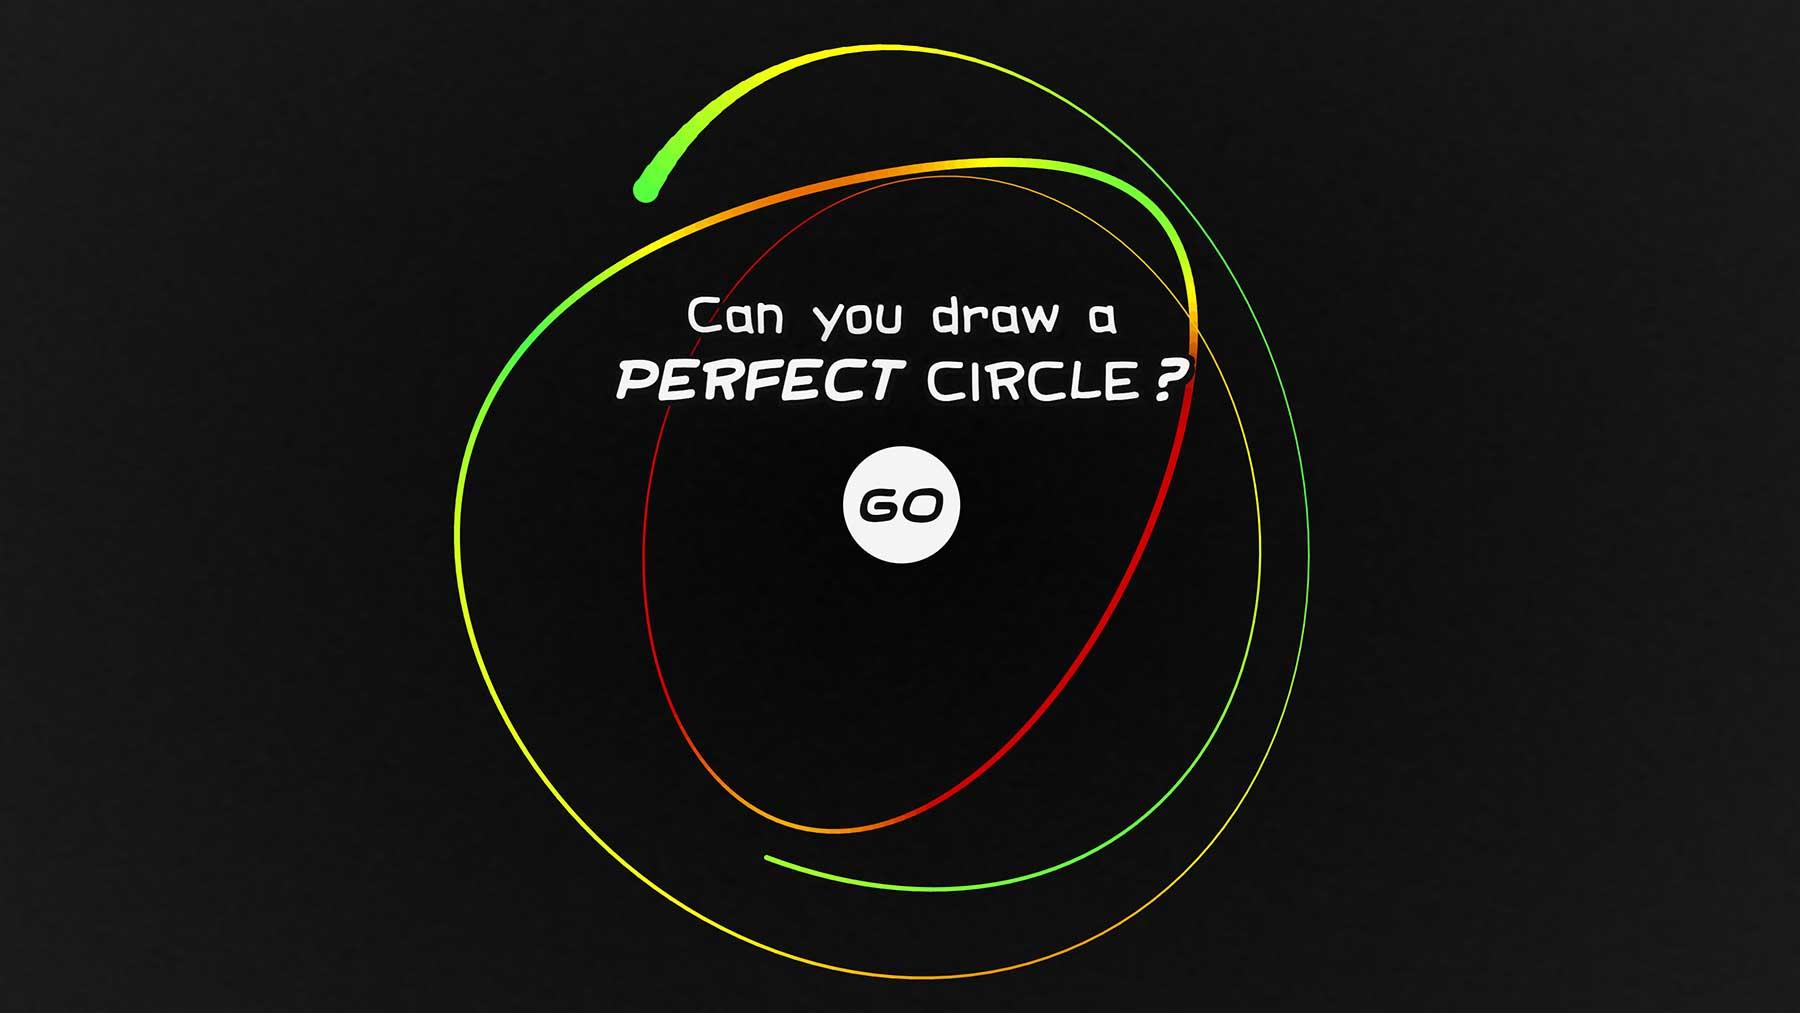 Kannst du einen perfekten Kreis zeichnen? male-einen-perfekten-kreis-browserspiel_01